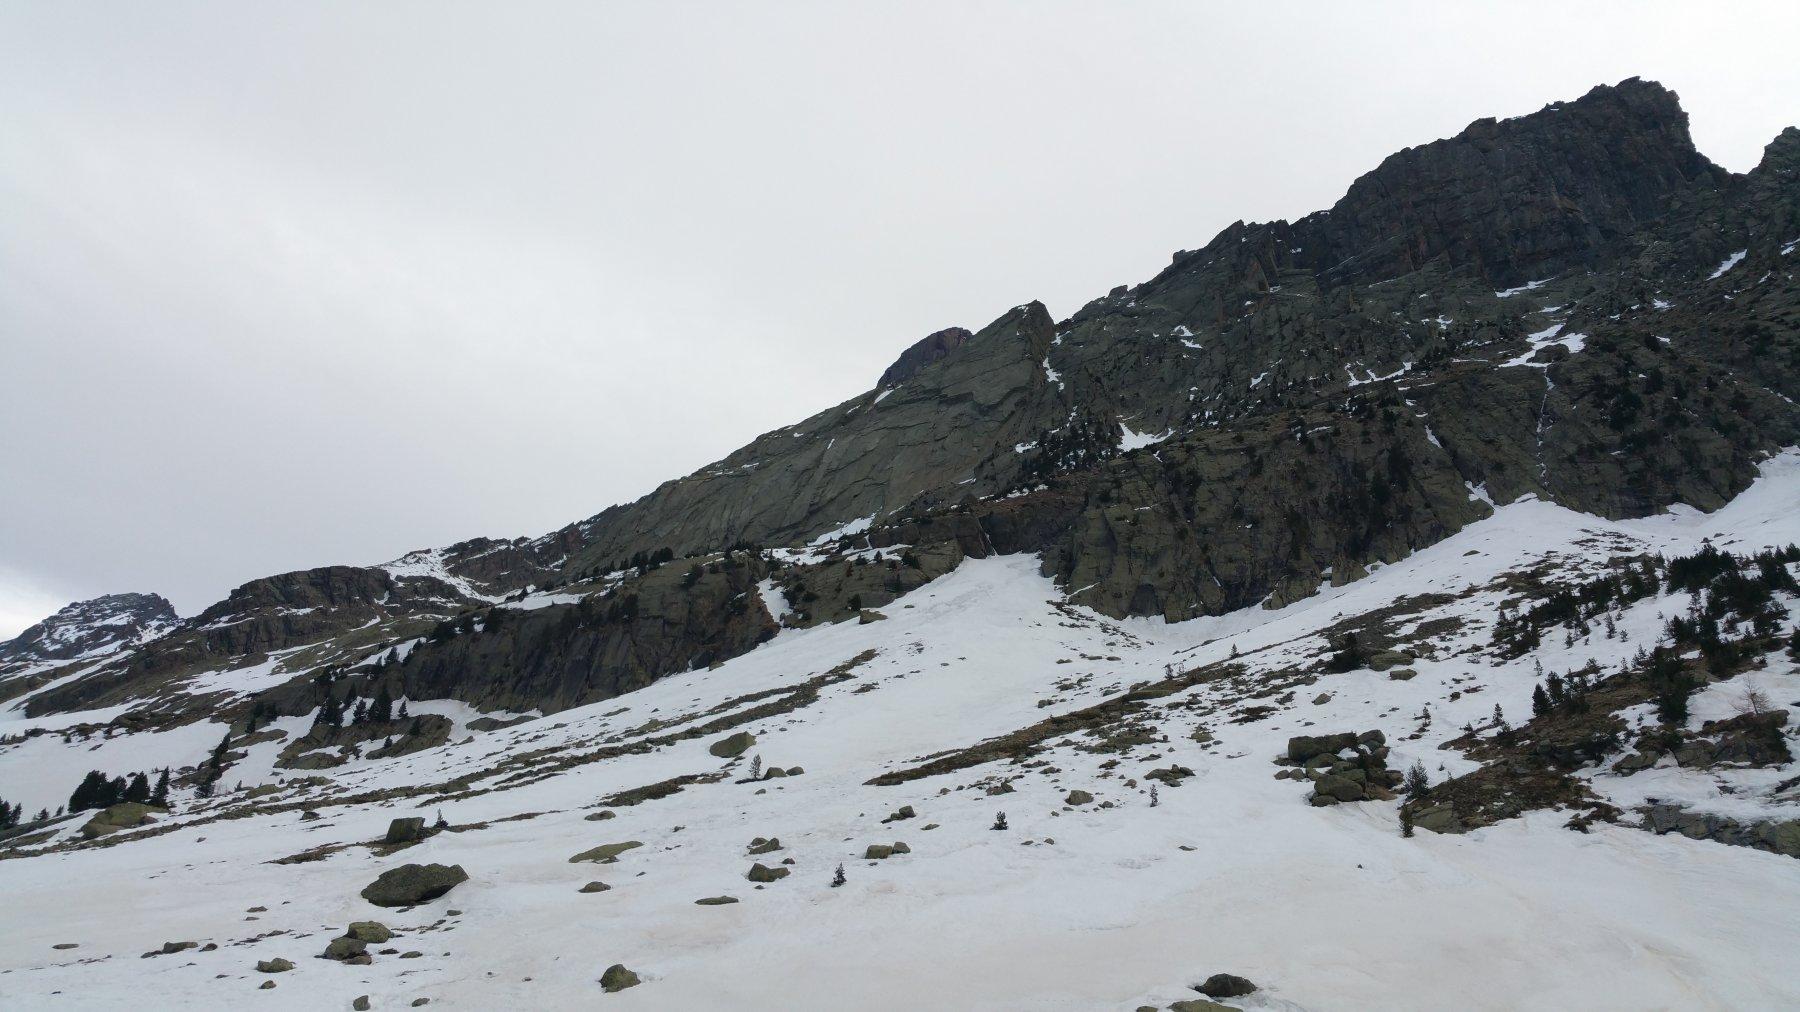 La parte alta del canale vista dal sentiero. Si nota bene il tratto in roccia.